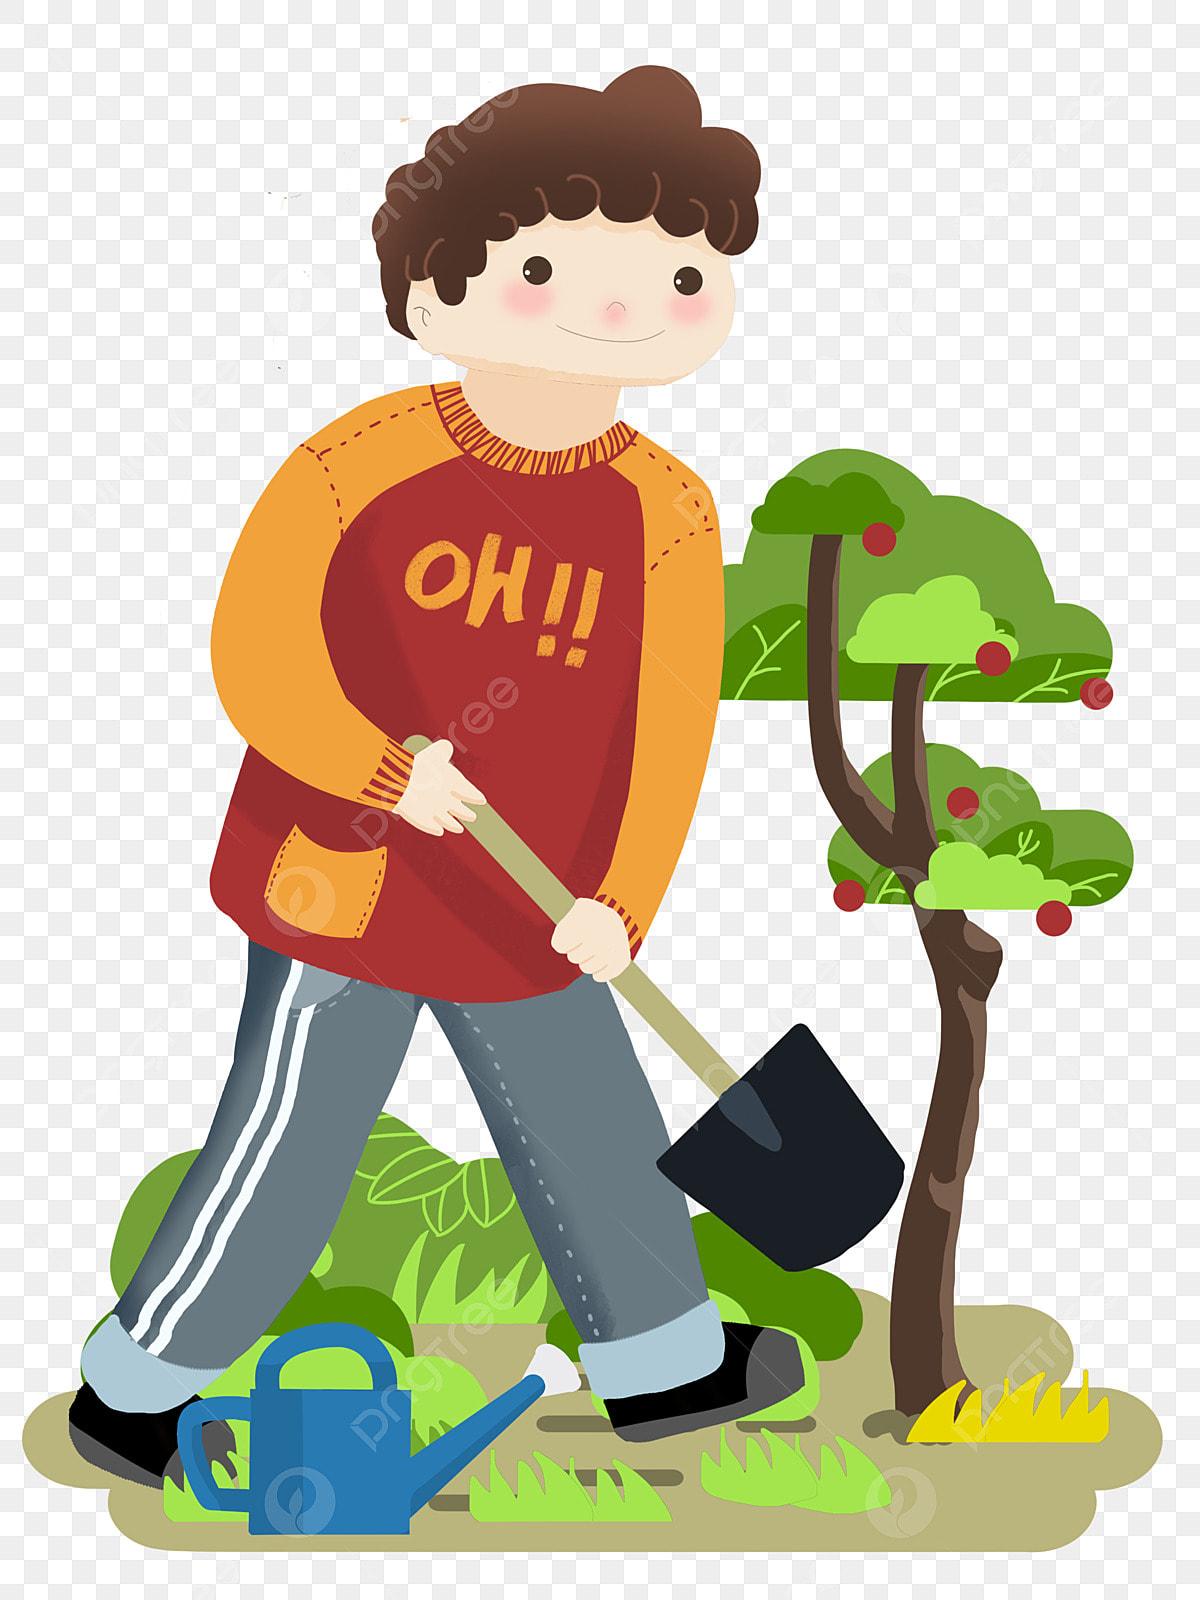 صورة شخصية يوم الشجرة صبي صغير يزرع شجرة مجرفة سوداء أشجار خضراء شجرة أشجار خضراء مجرفة سوداء Png وملف Psd للتحميل مجانا